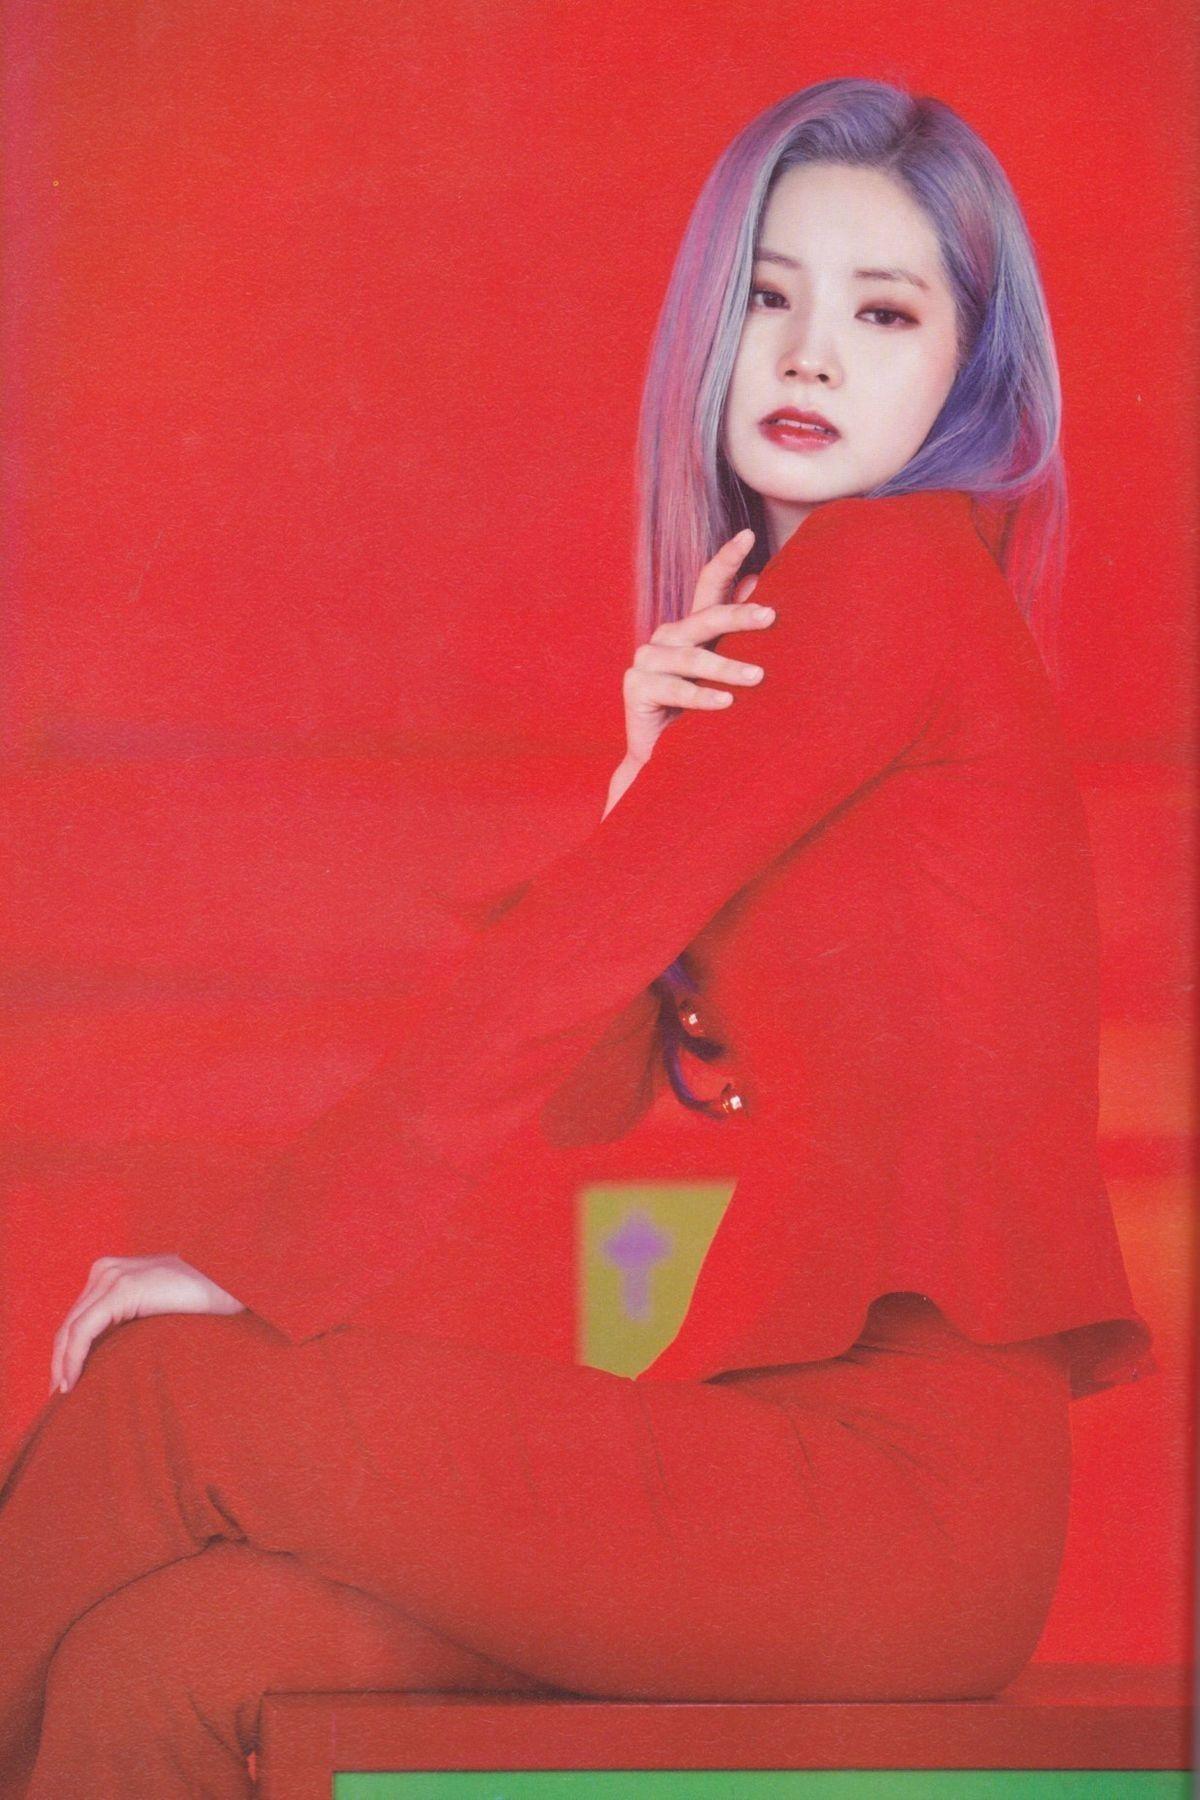 Pin de Yun Seo em ⒹⒶⒽⓎⓊⓃ K pop, Dahyun, Kpop feminino